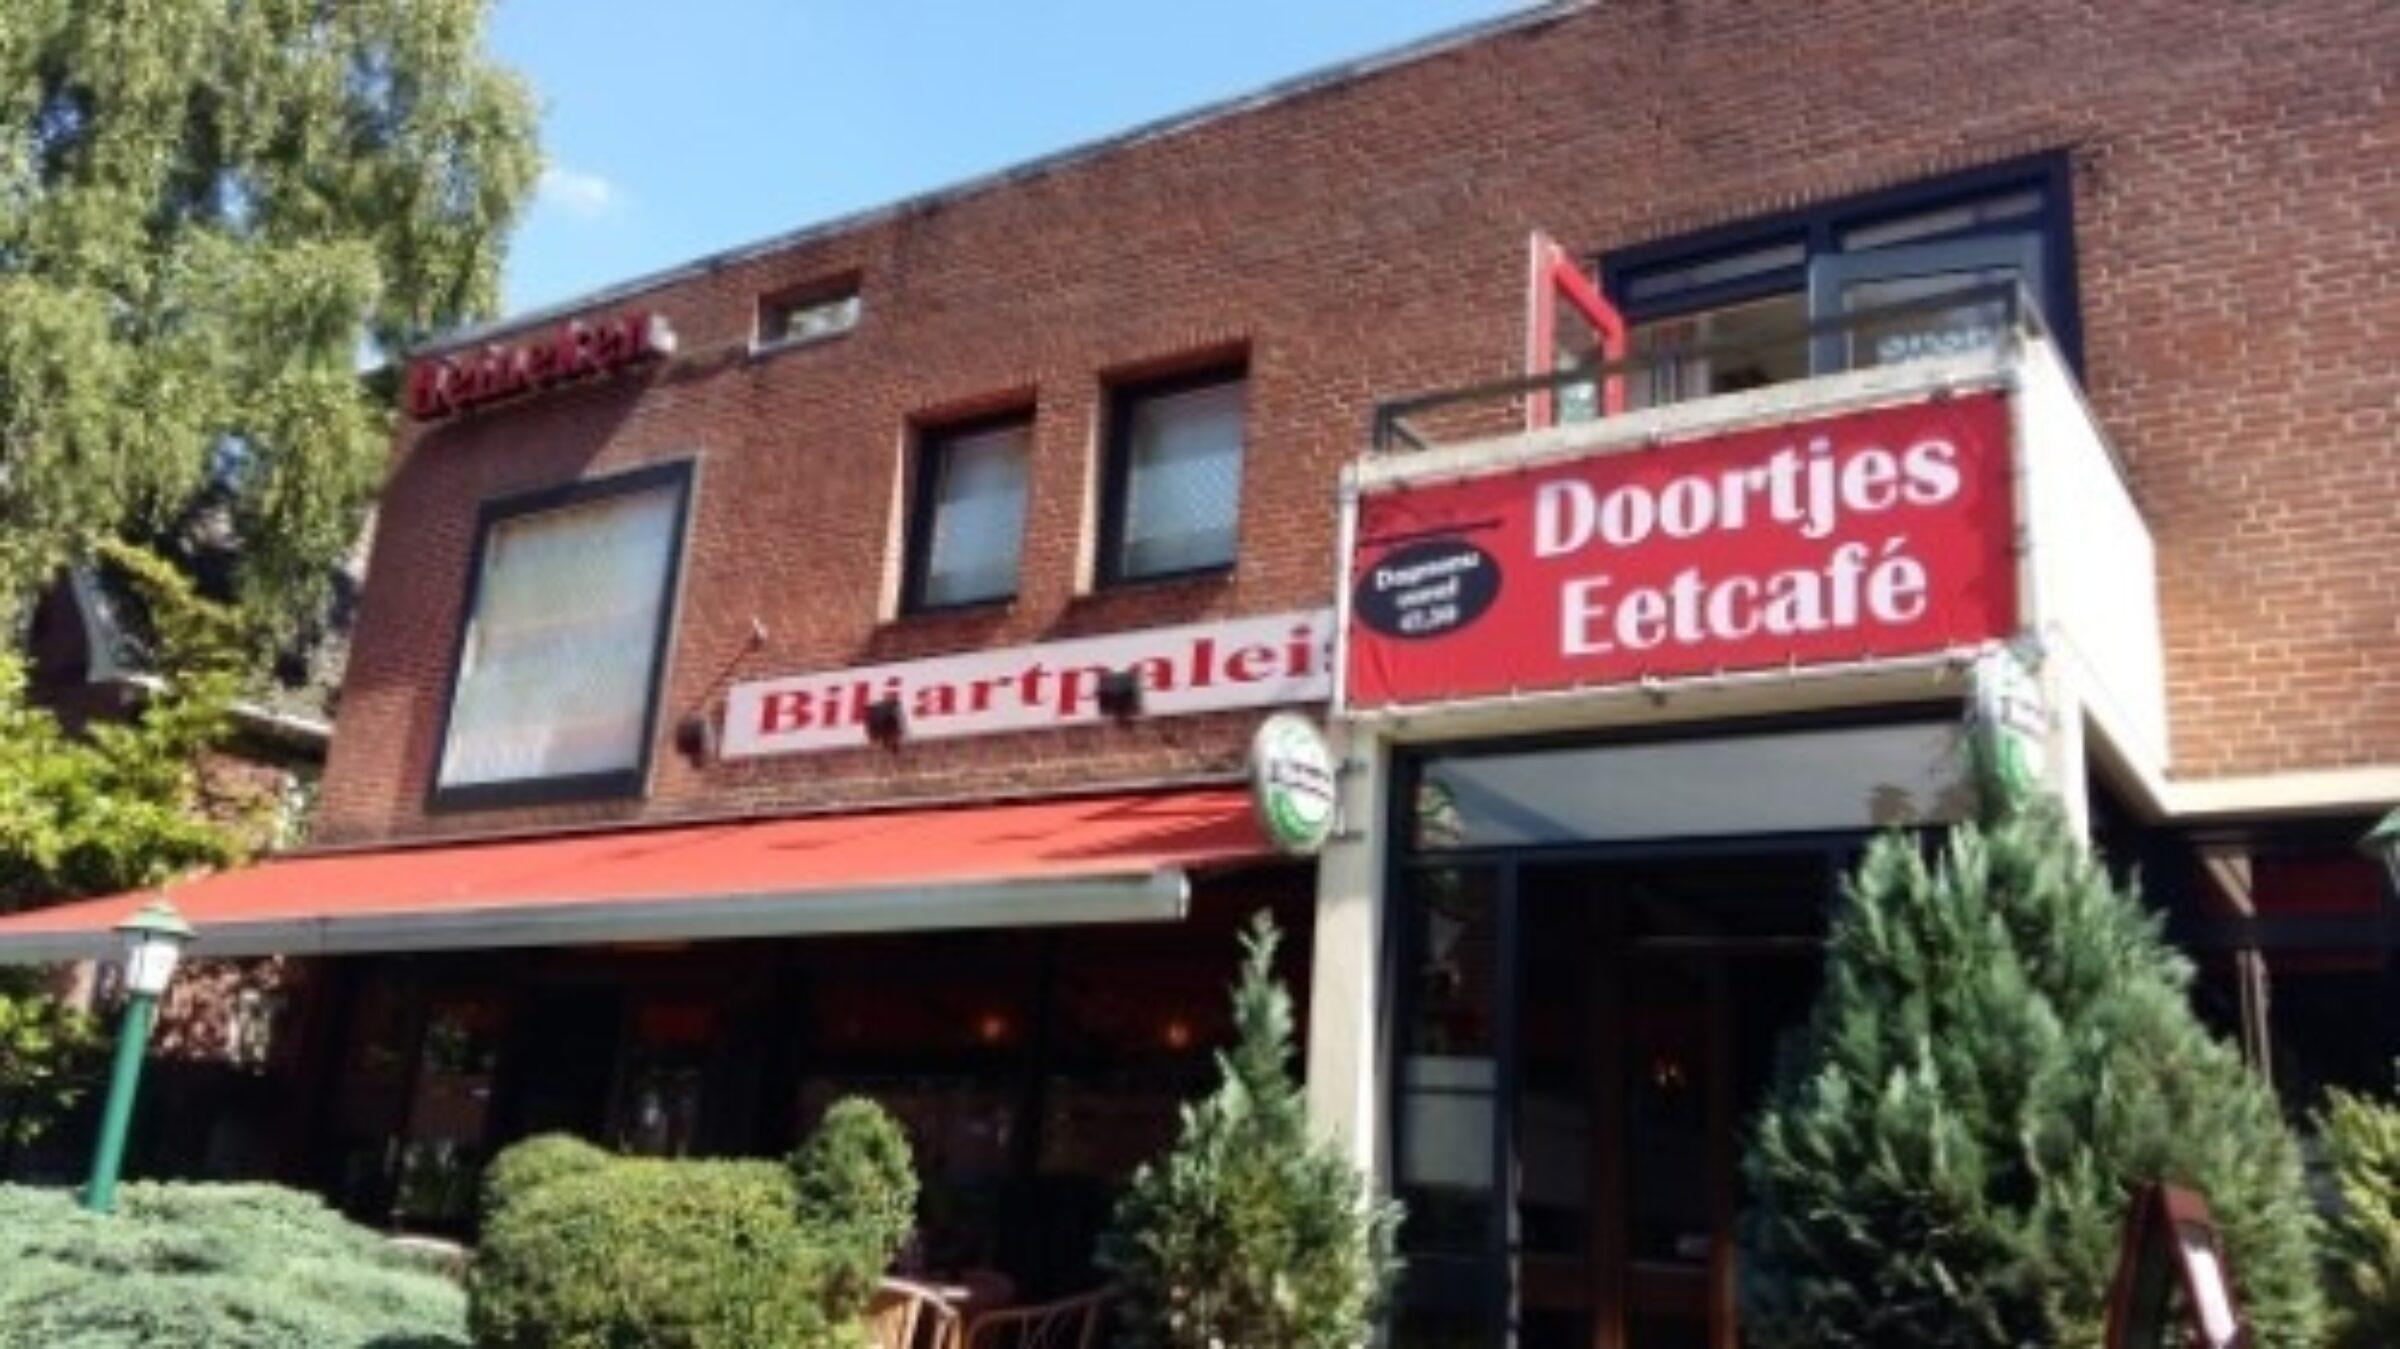 Biljartpaleis Stokkers Enschede